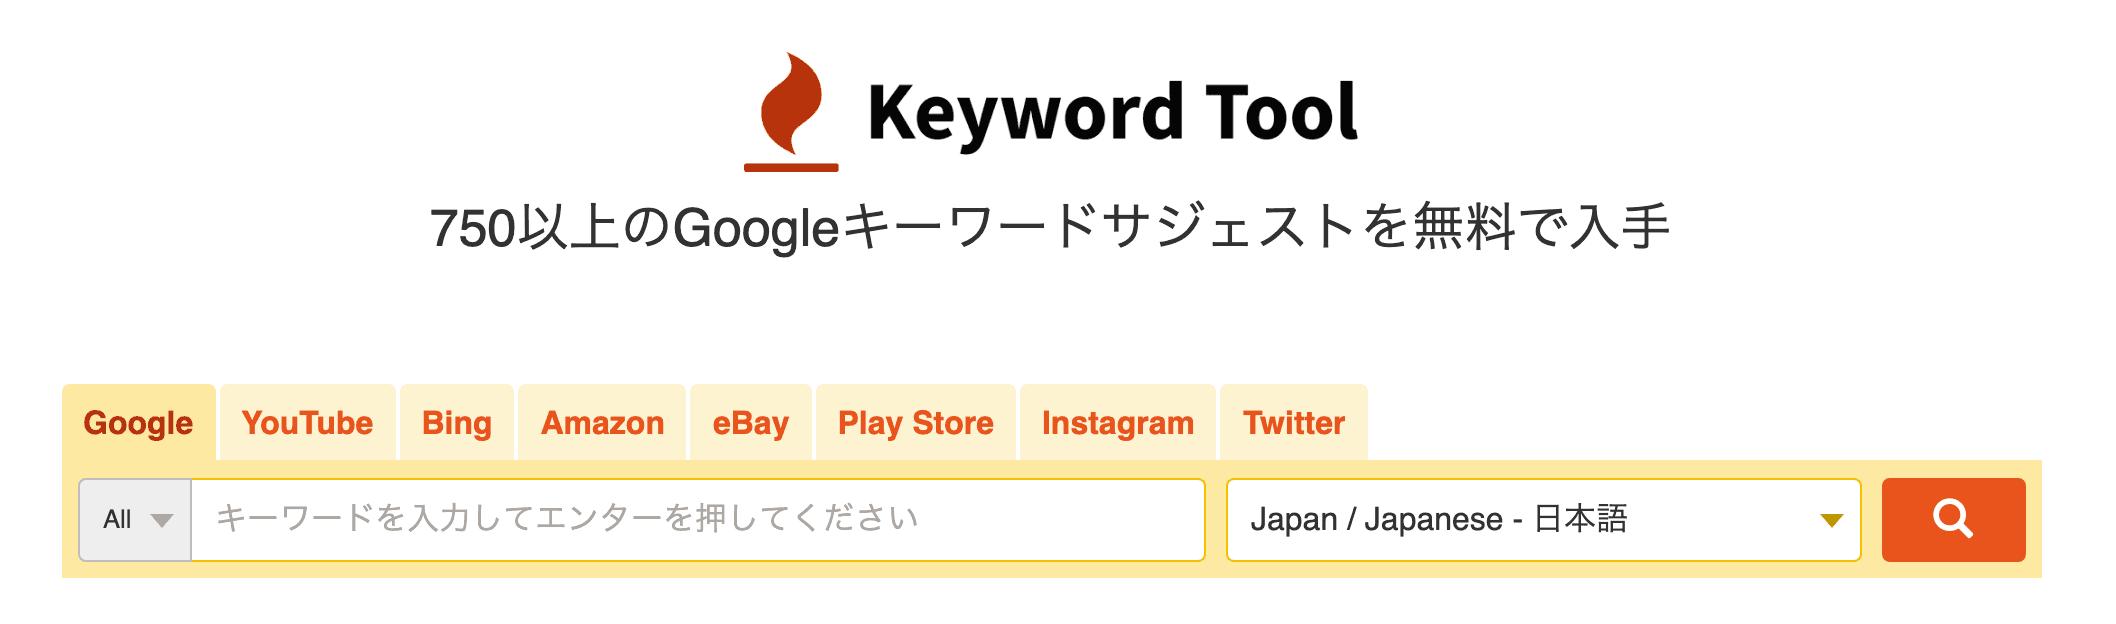 key word tool ioの検索画面を解説